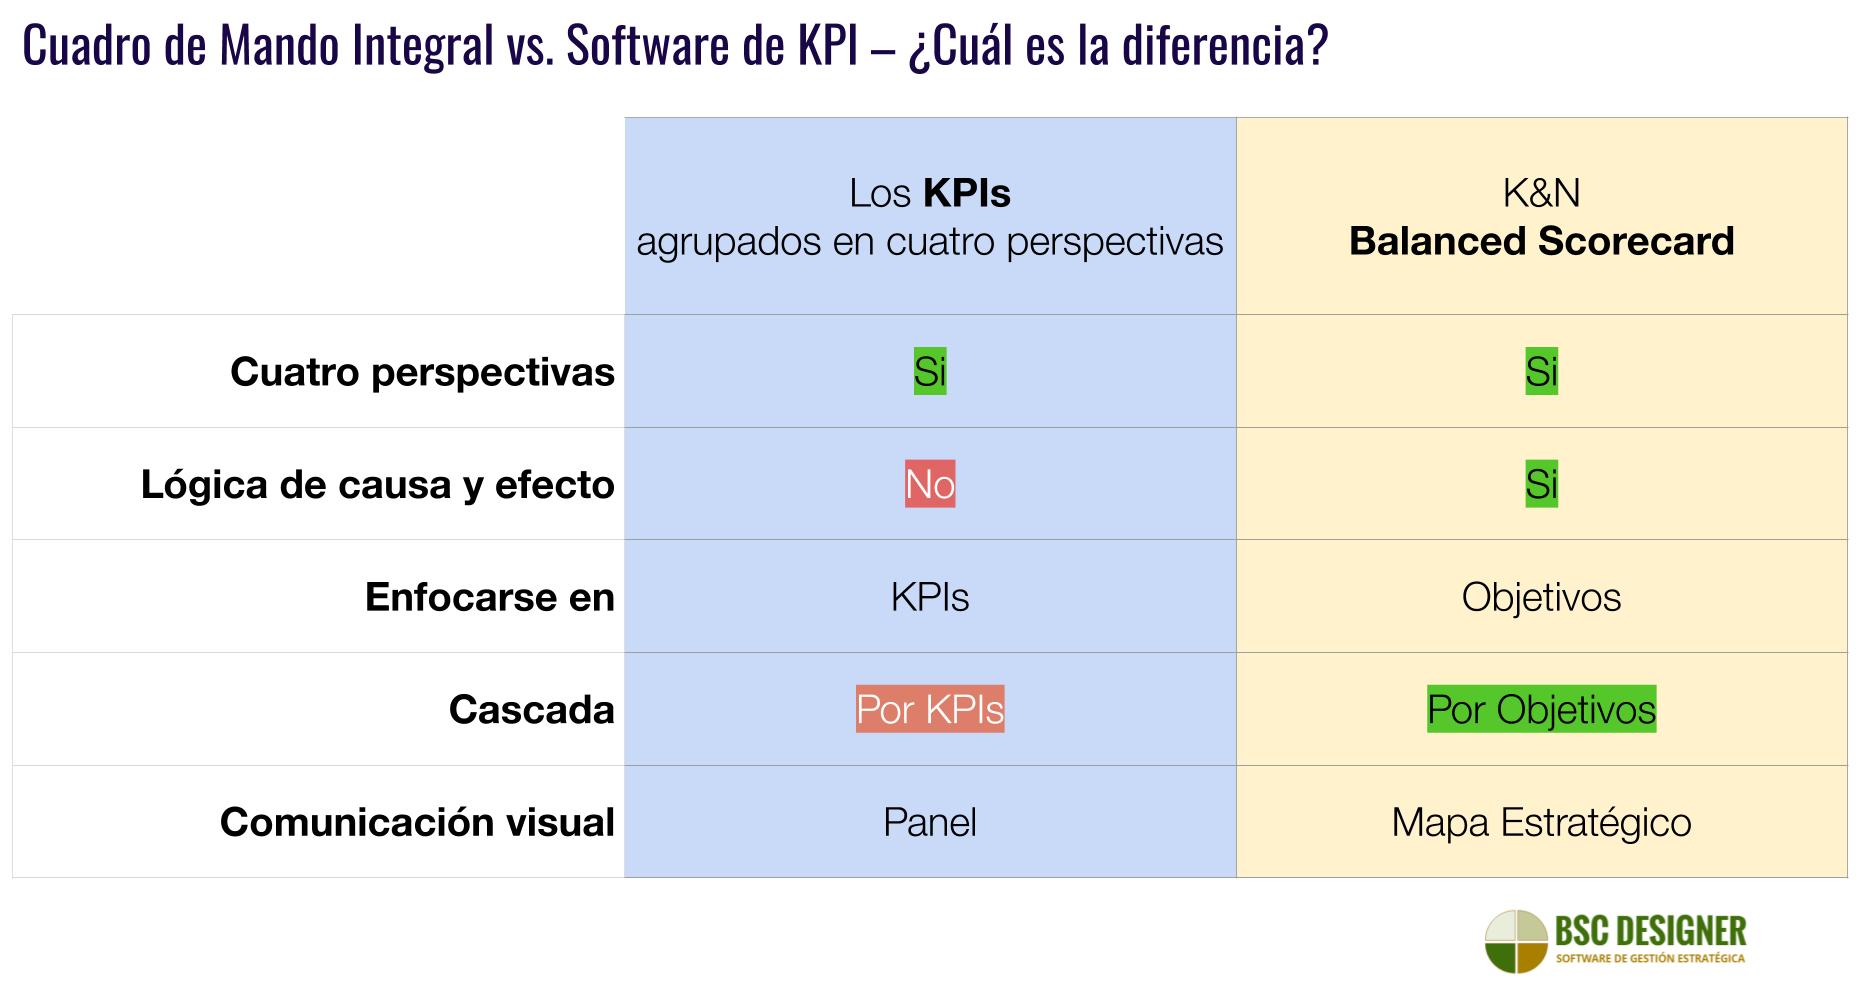 Comparación entre el software para Cuadro de Mando Integral K&N y el software para KPIs